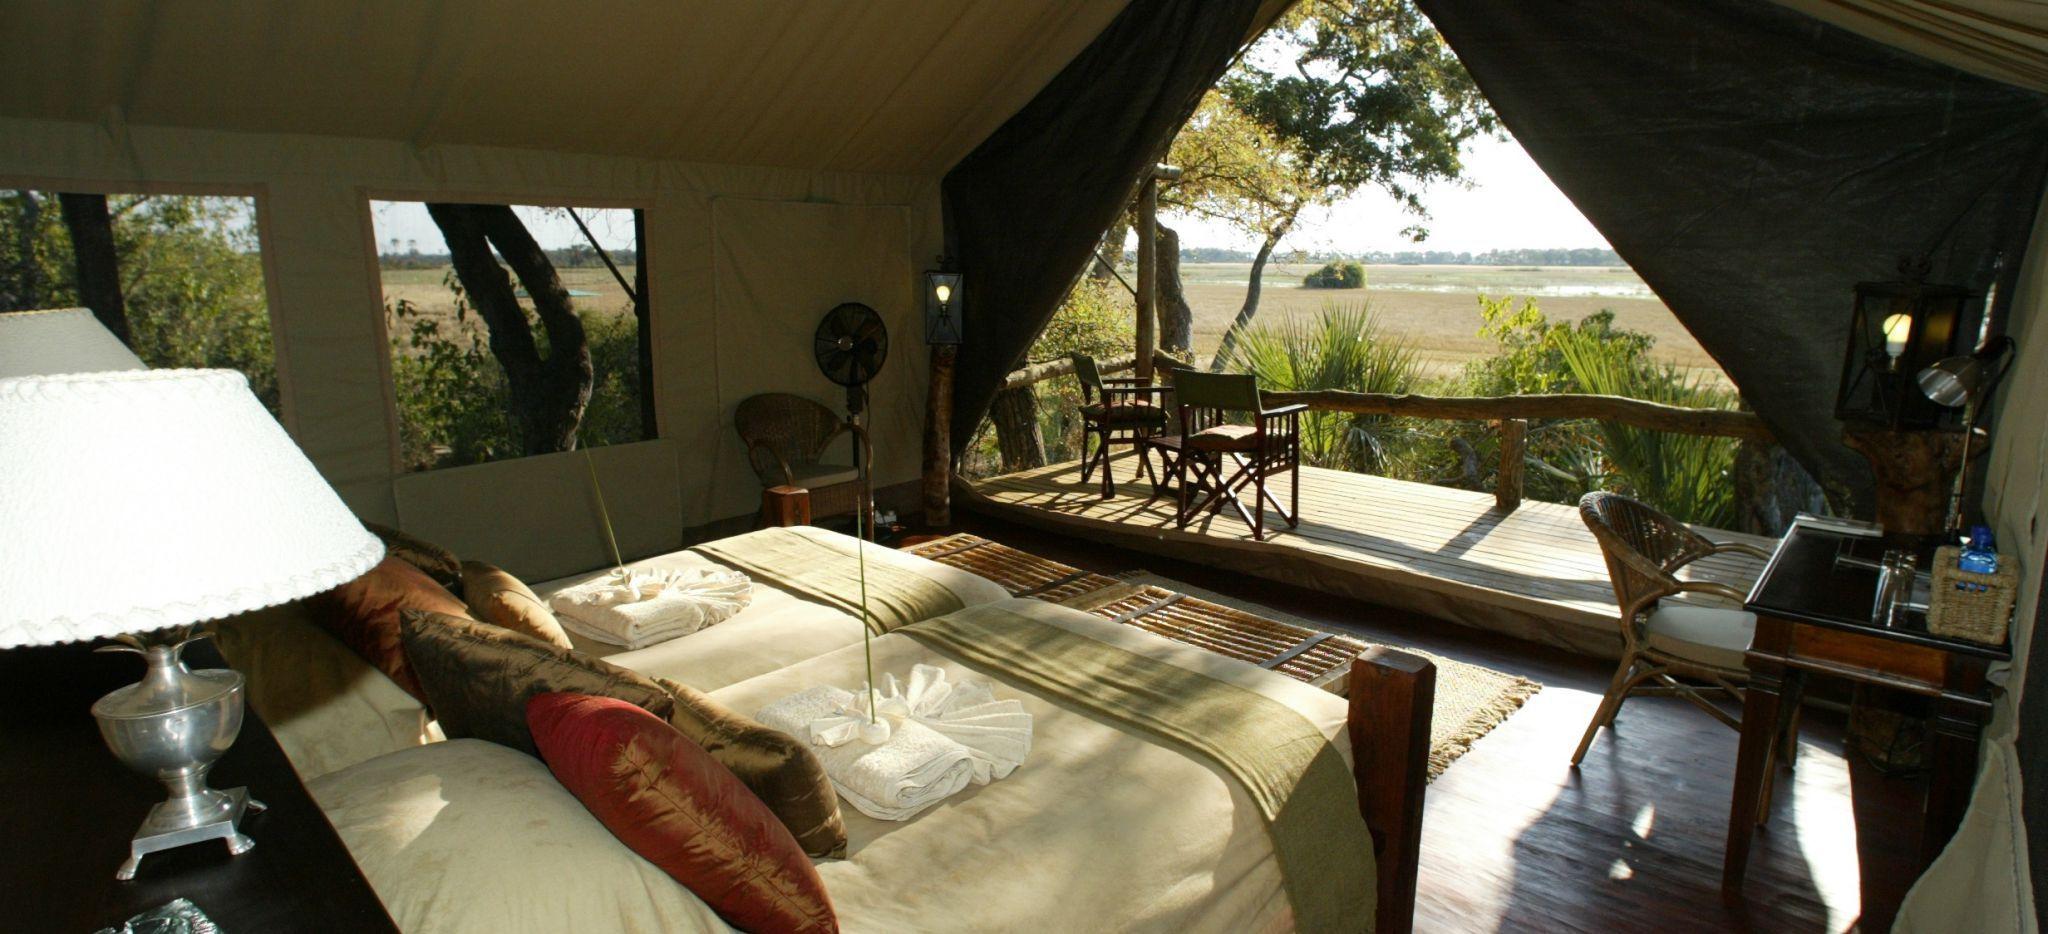 Hotelzimmer-Zelt des Tubu Tree Camp, mit Blick auf die Savane vom Balkon aus